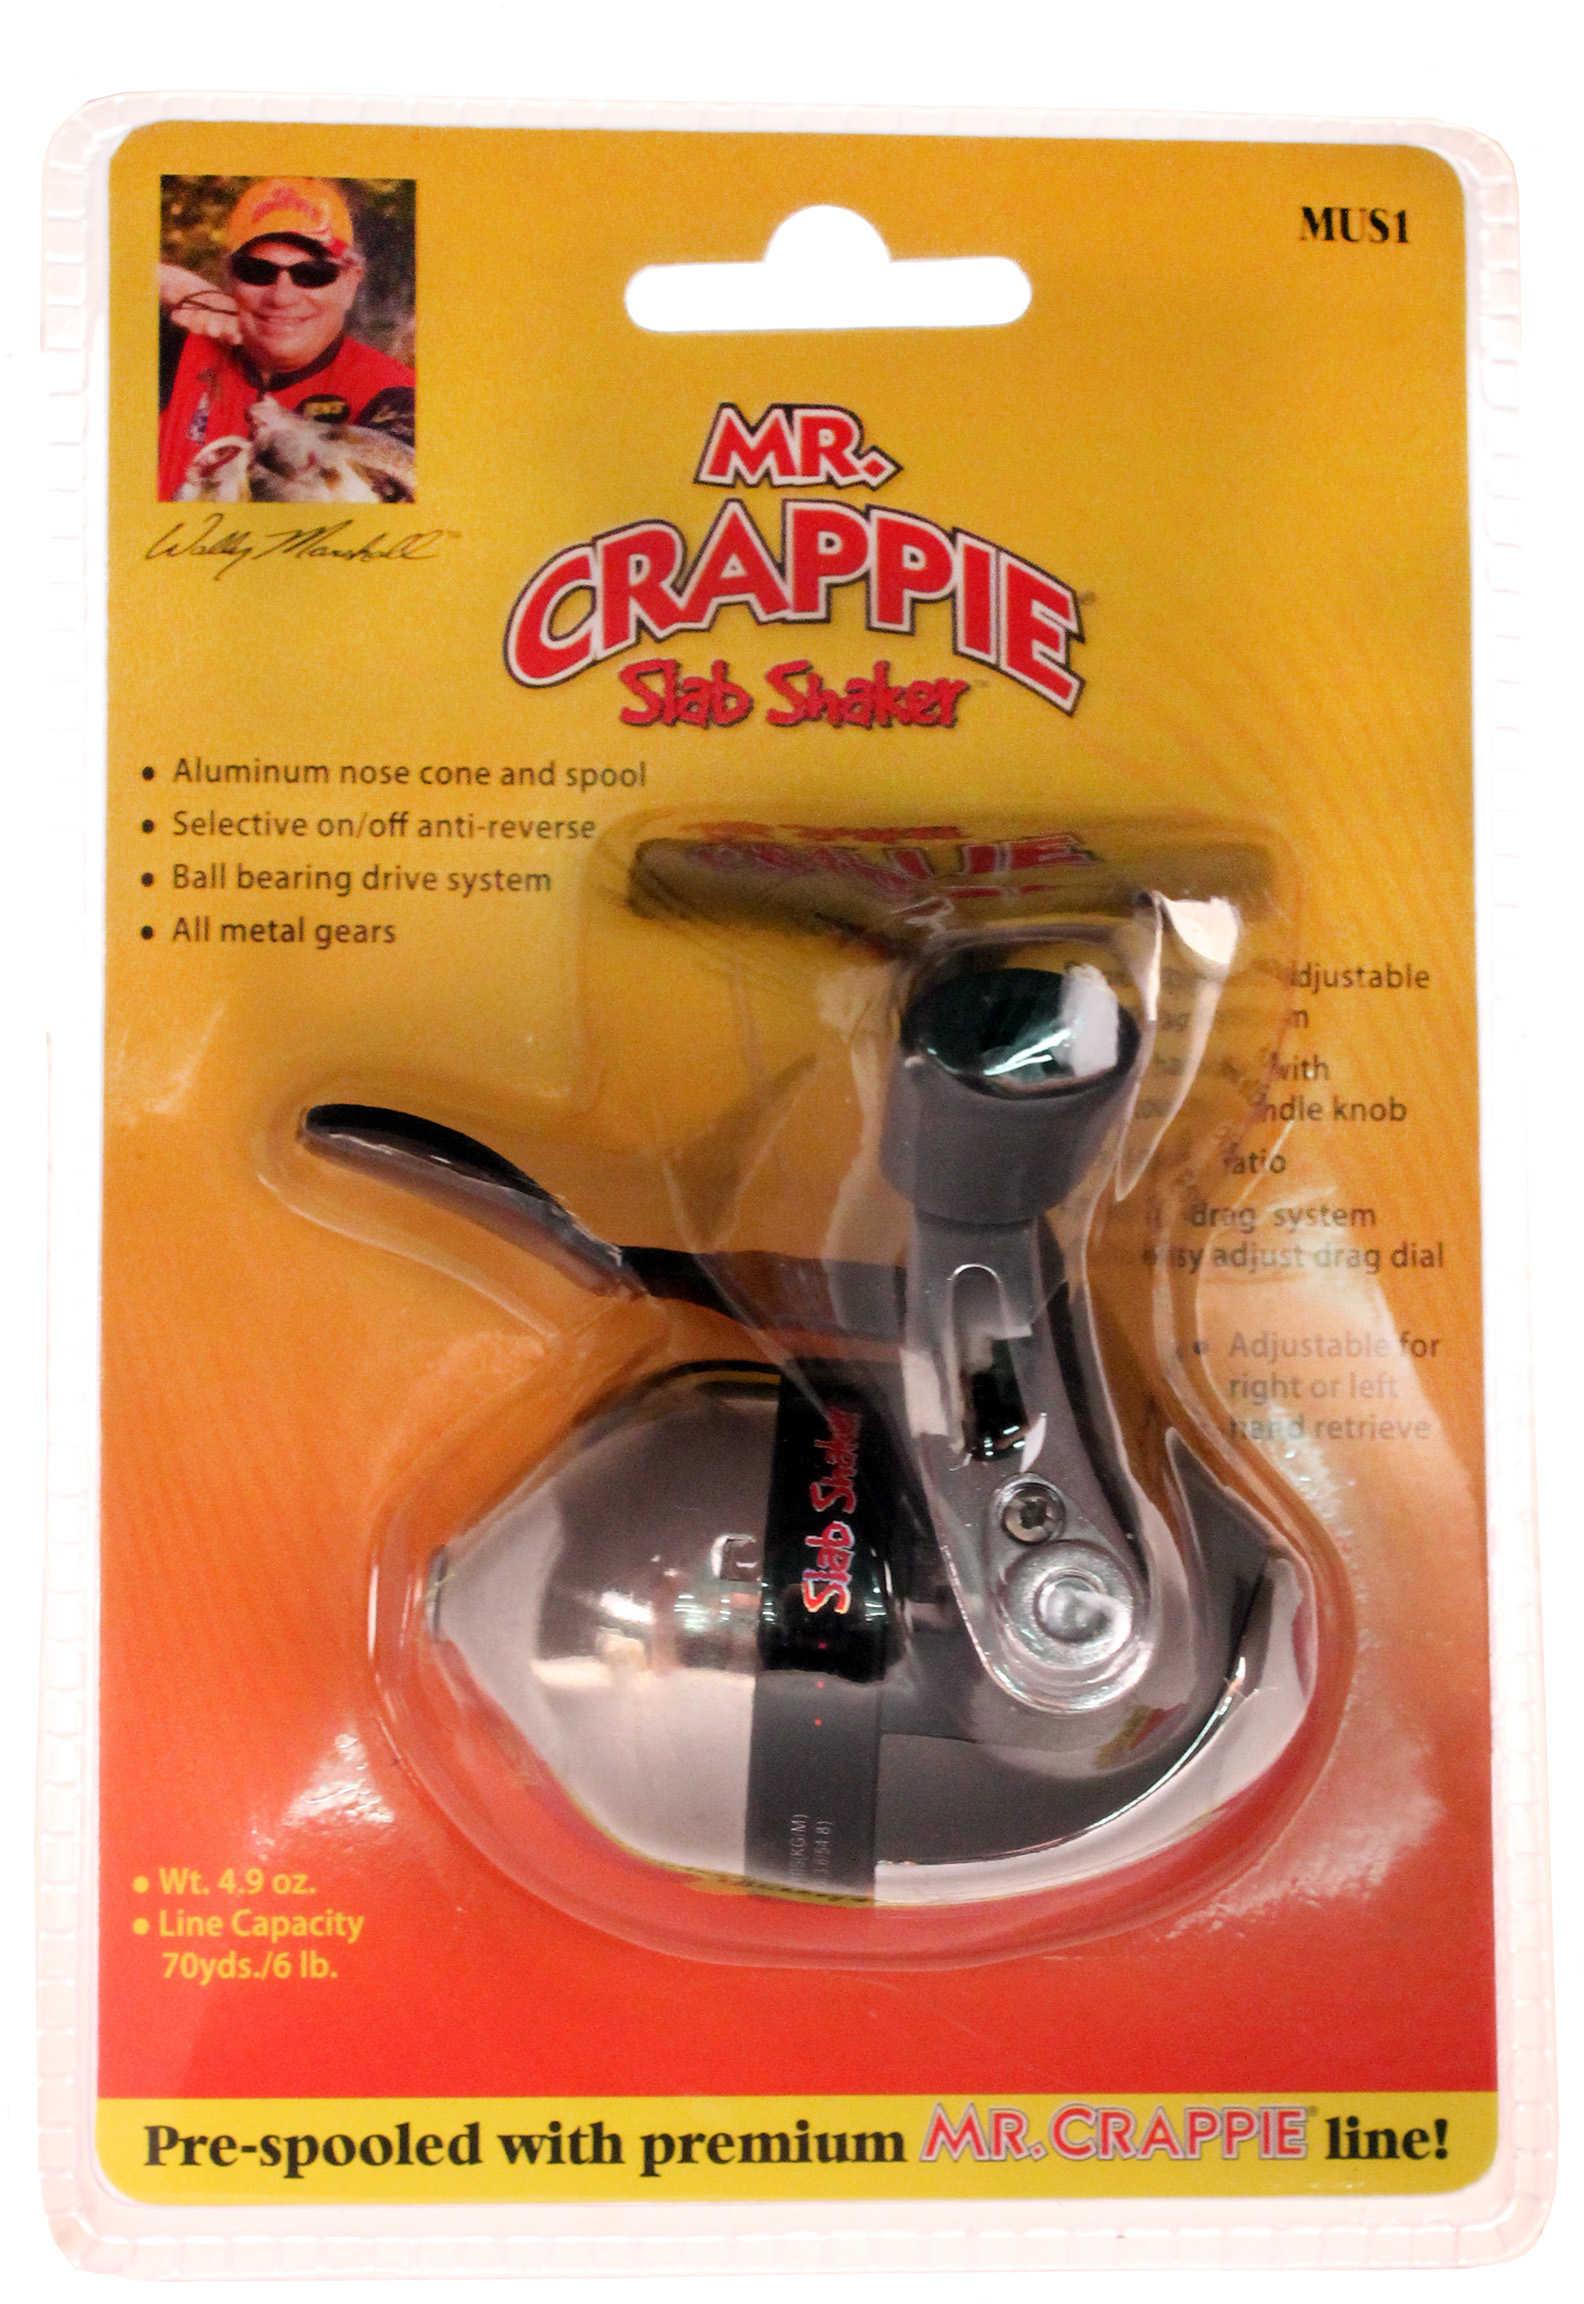 Lew's Mr Crappie Slab Shaker Reel Under Spincast 70/6# MUS1